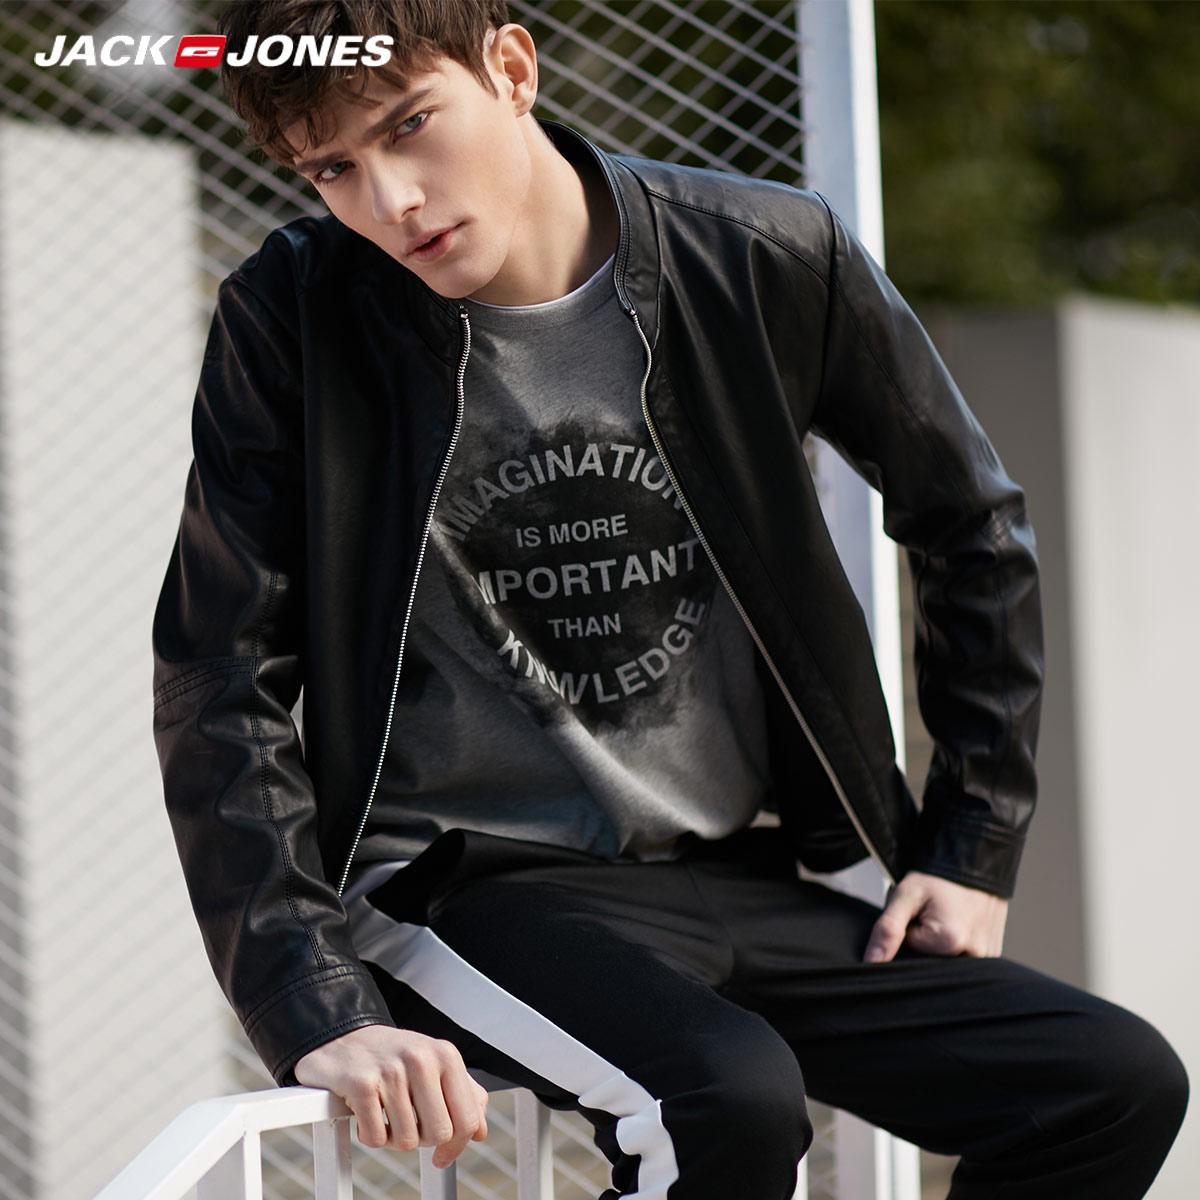 JackJones джек агат этот мужской новая весна и лето модель красивый волна краткое модель американский черный кожзаменитель кожа куртка пальто